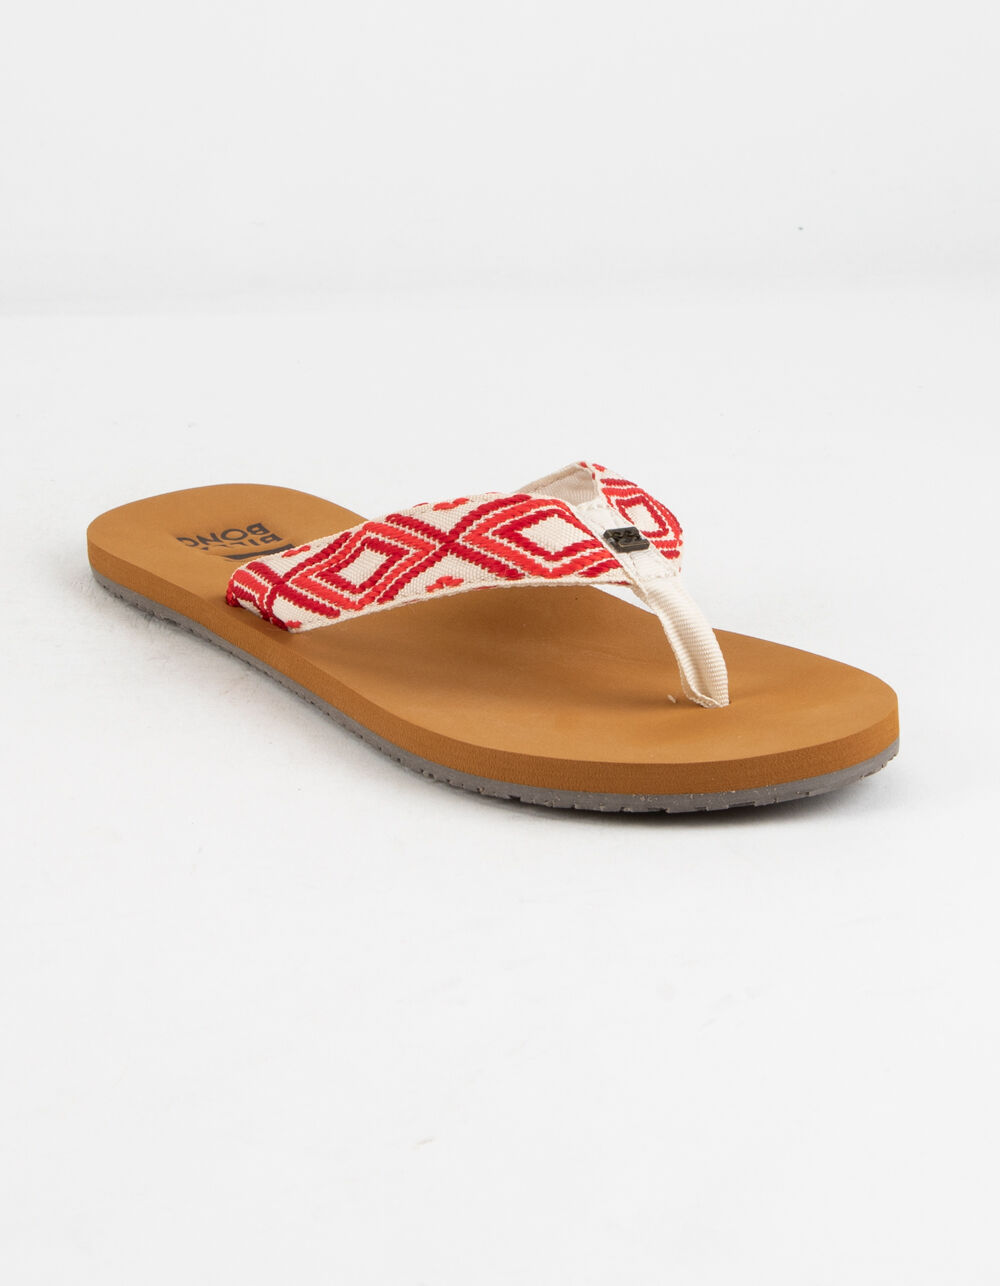 BILLABONG Baja Sunset Red Sandals